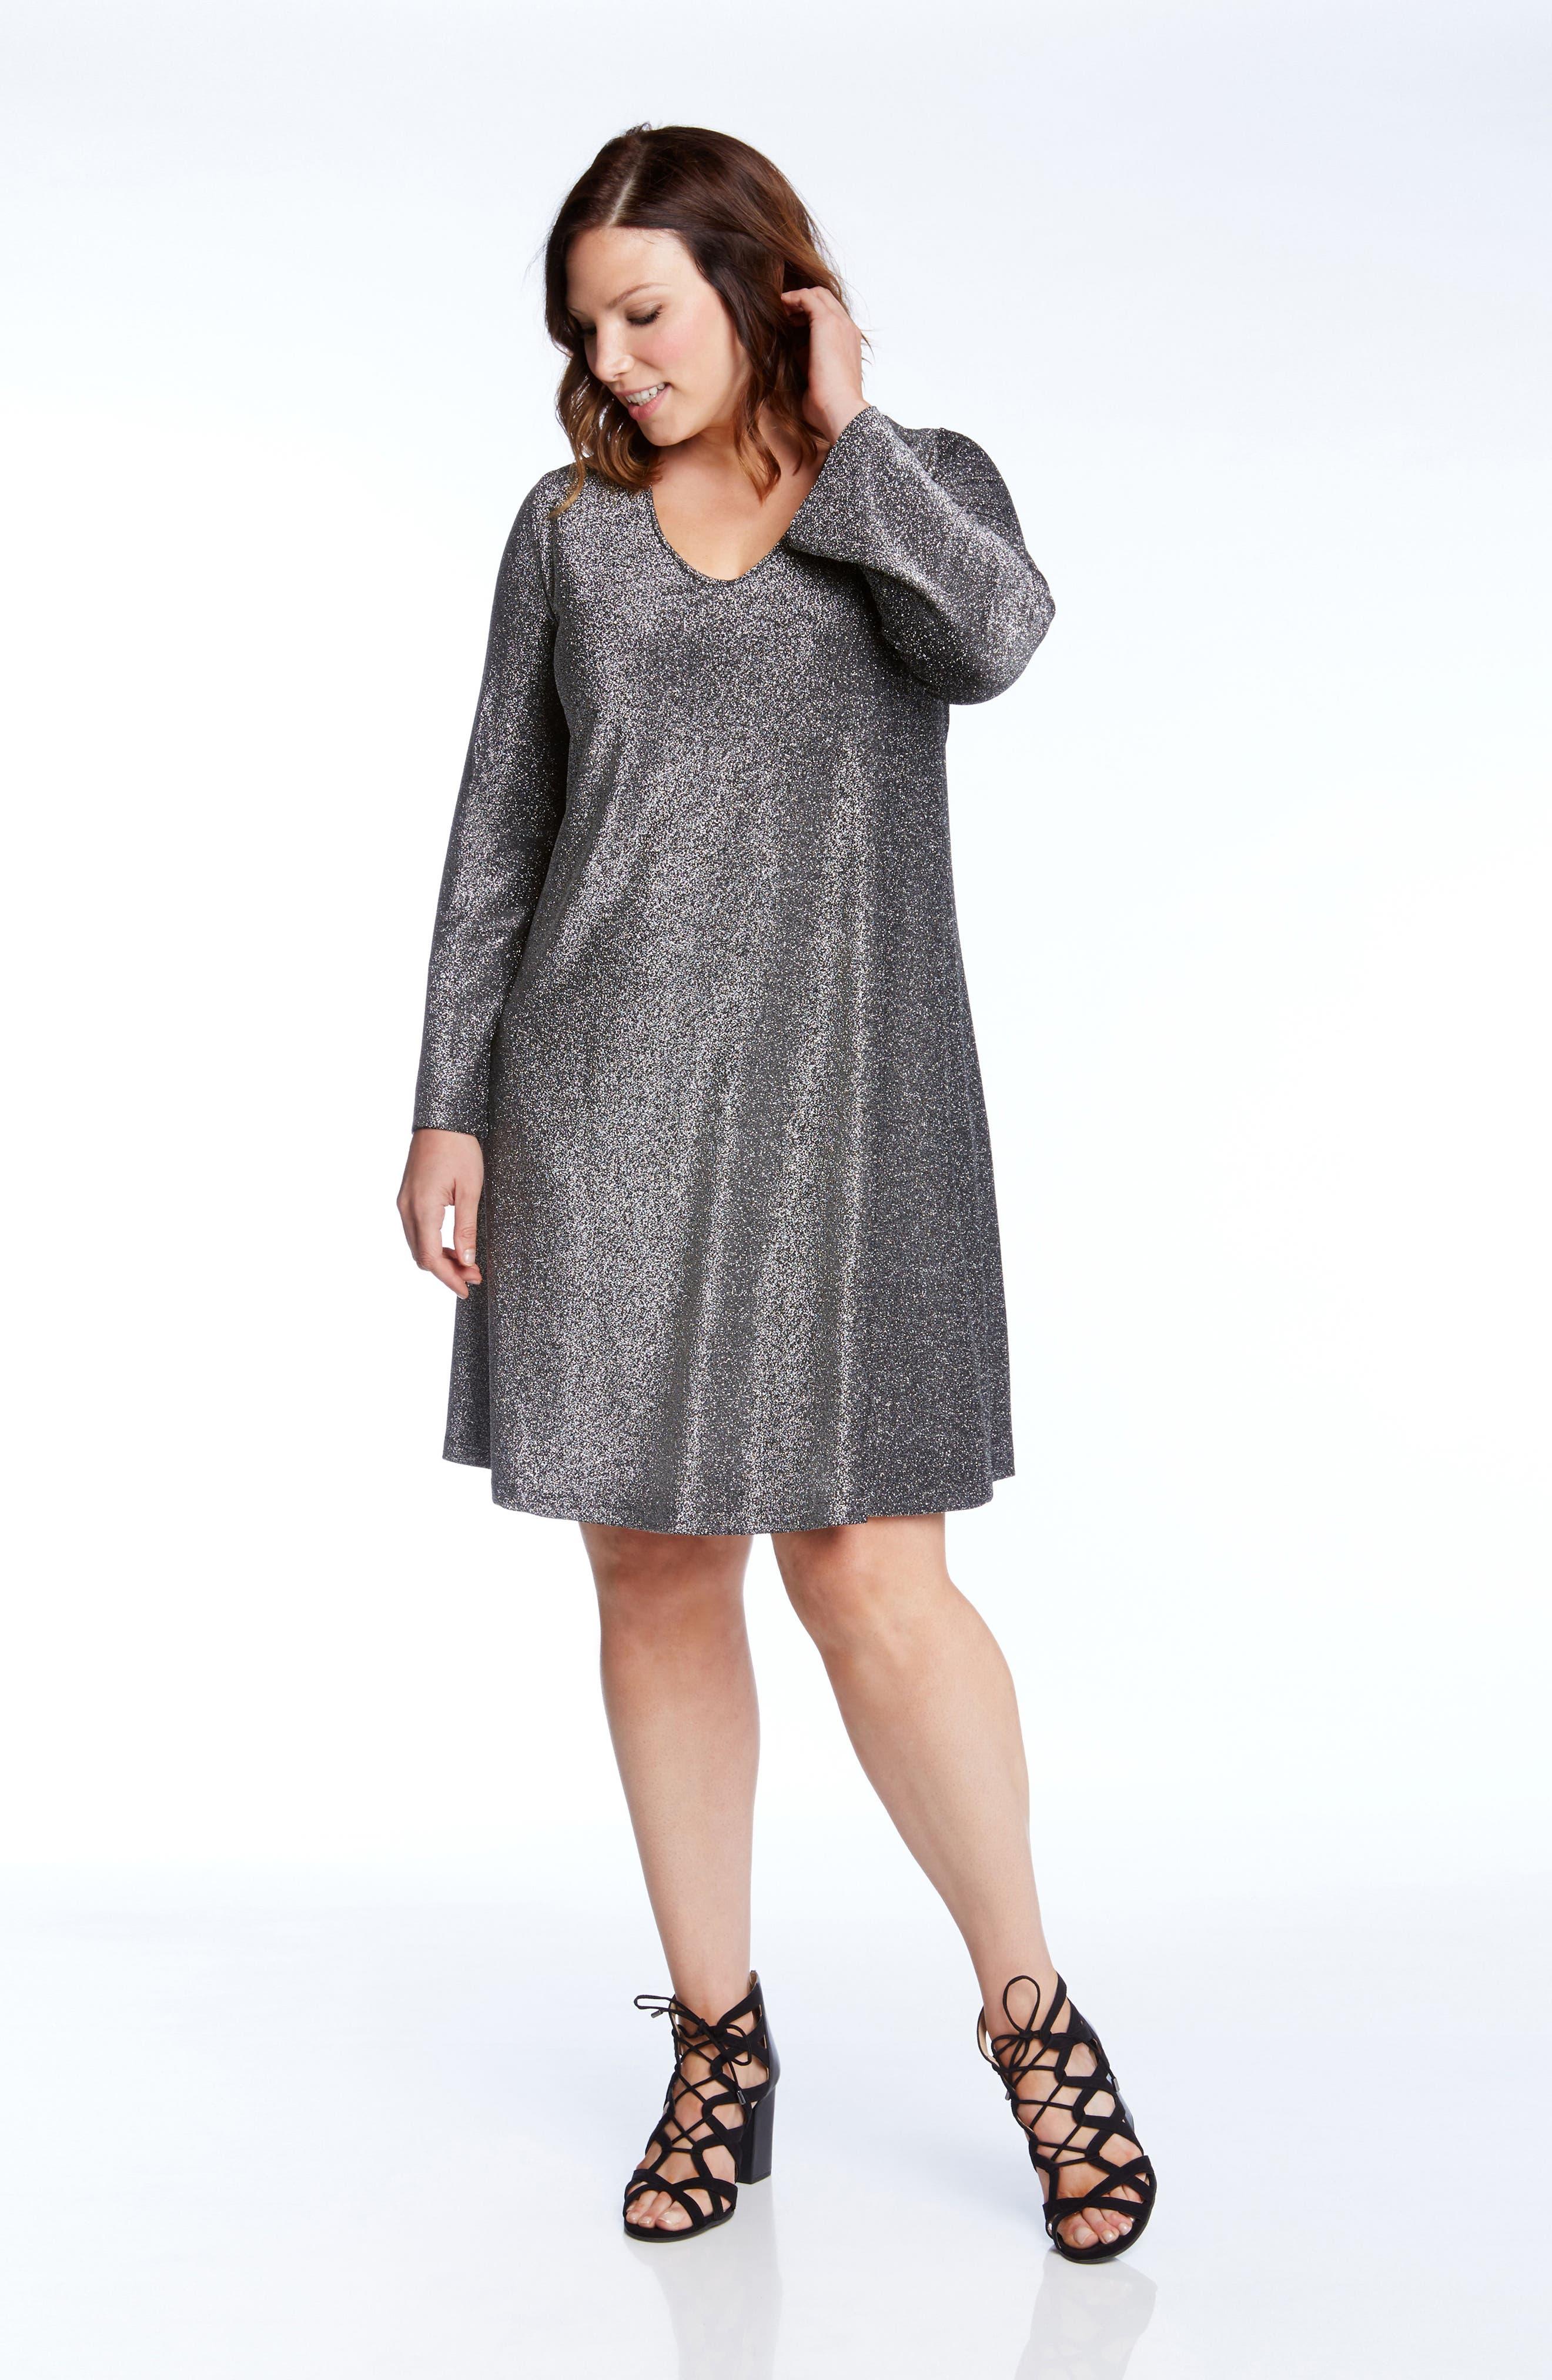 Taylor Sparkle A-Line Dress,                             Alternate thumbnail 3, color,                             044